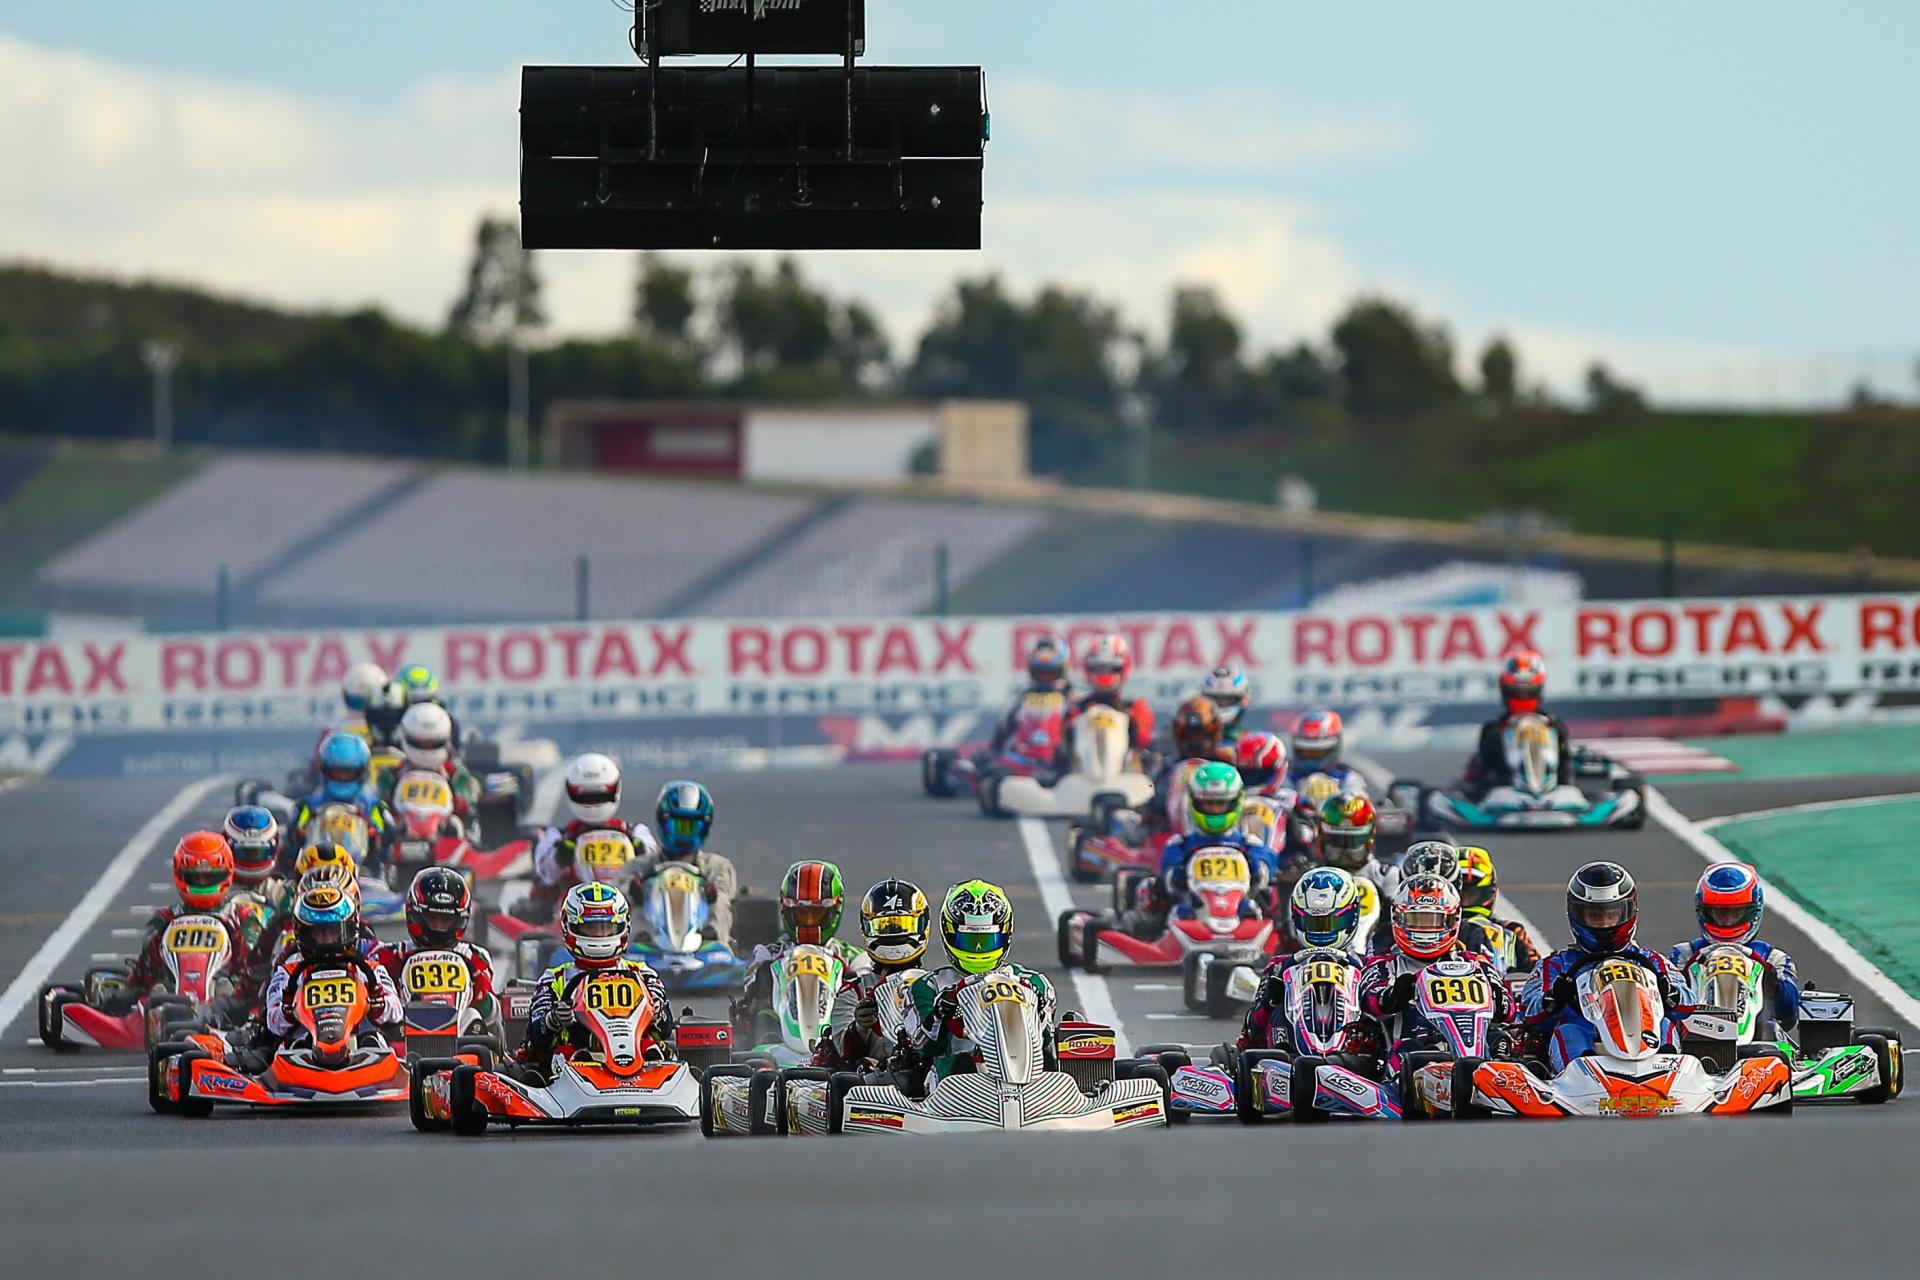 Portugueses com pouca sorte na categoria DD2 do Rotax International Trophy em Portimão